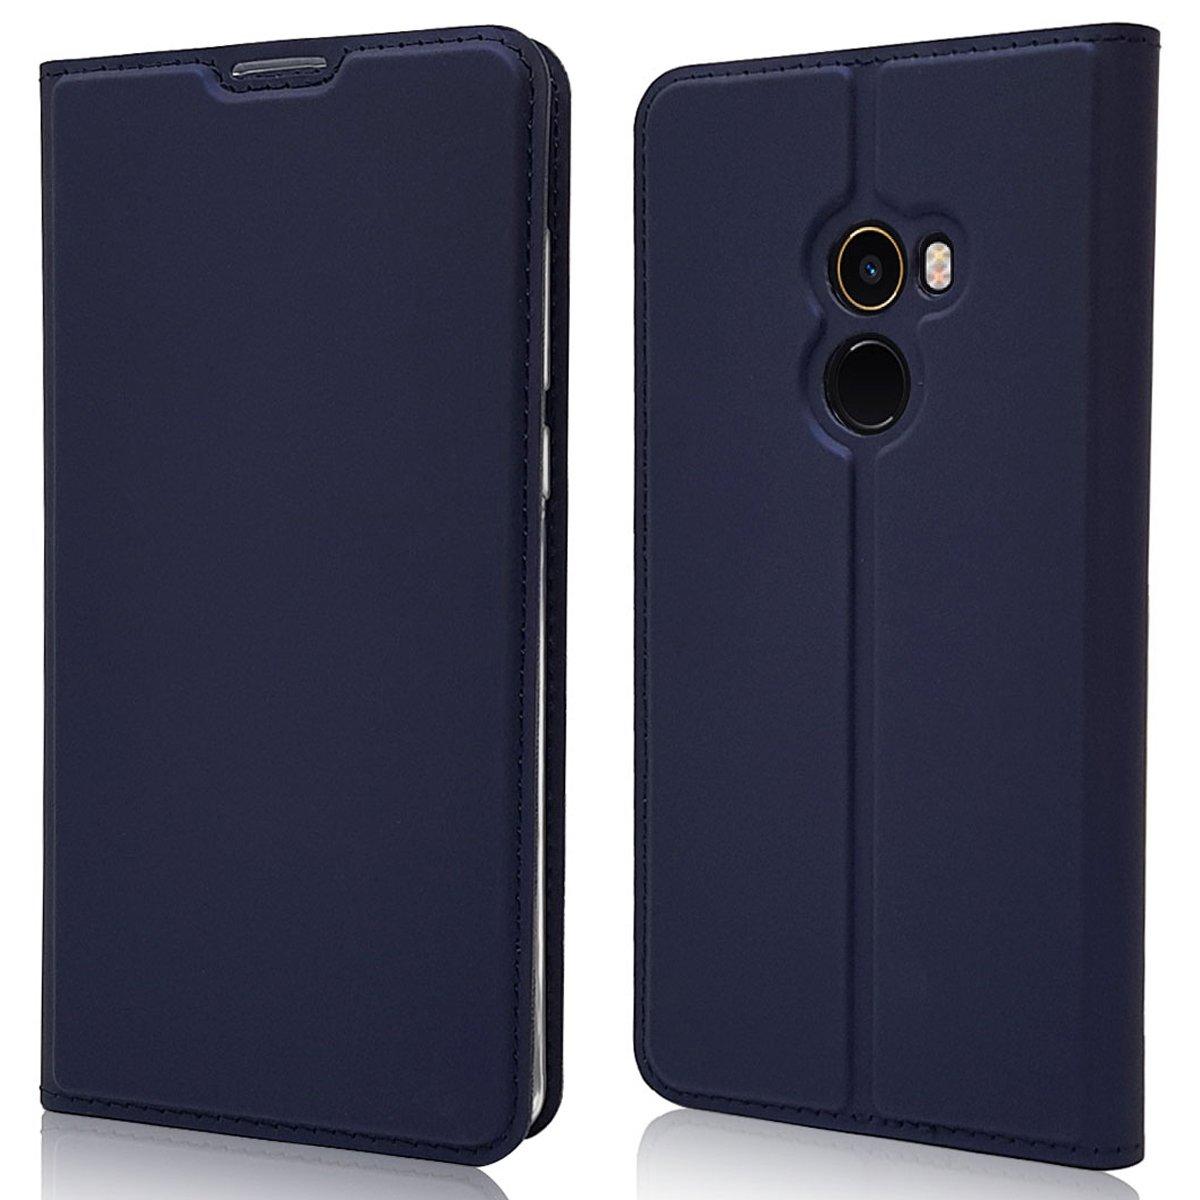 sinogoods para Xiaomi Mi Mix 2 Funda Negro Cuero De La PU Magn/ético Capirotazo Billetera Apoyo Bumper Protector Cover Funda Carcasa Case